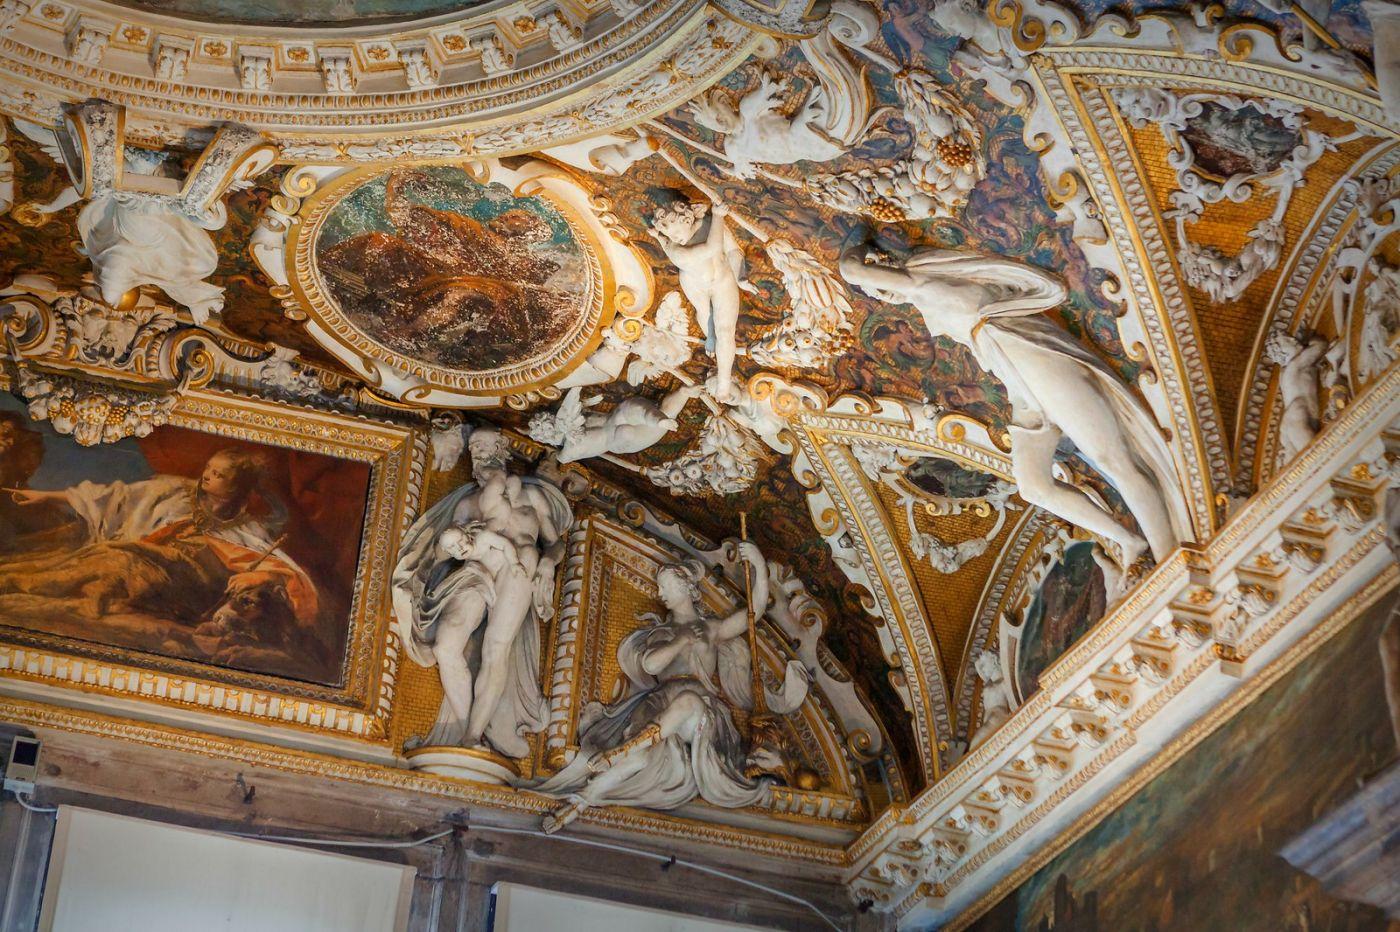 威尼斯圣马可大教堂(St Mark's Basilica), 精雕细琢的顶设_图1-36